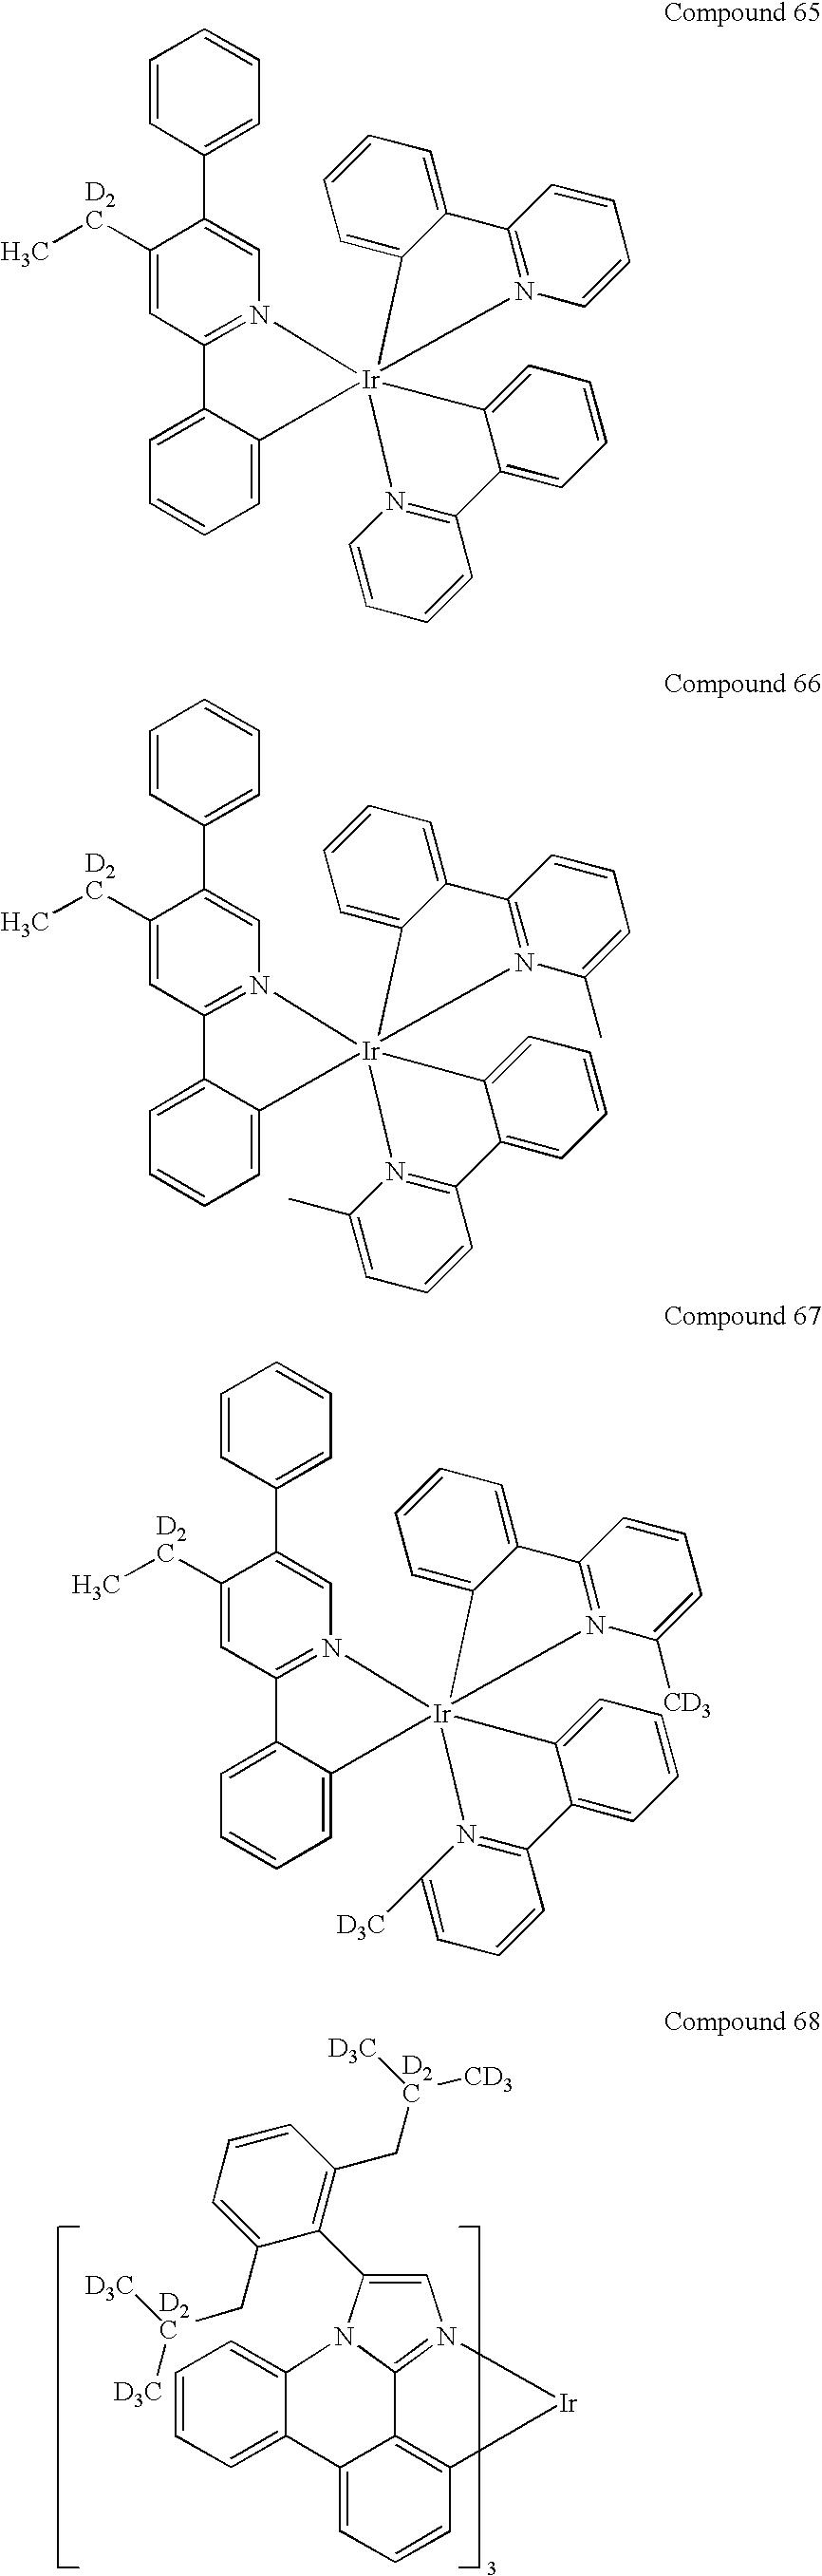 Figure US20100270916A1-20101028-C00175